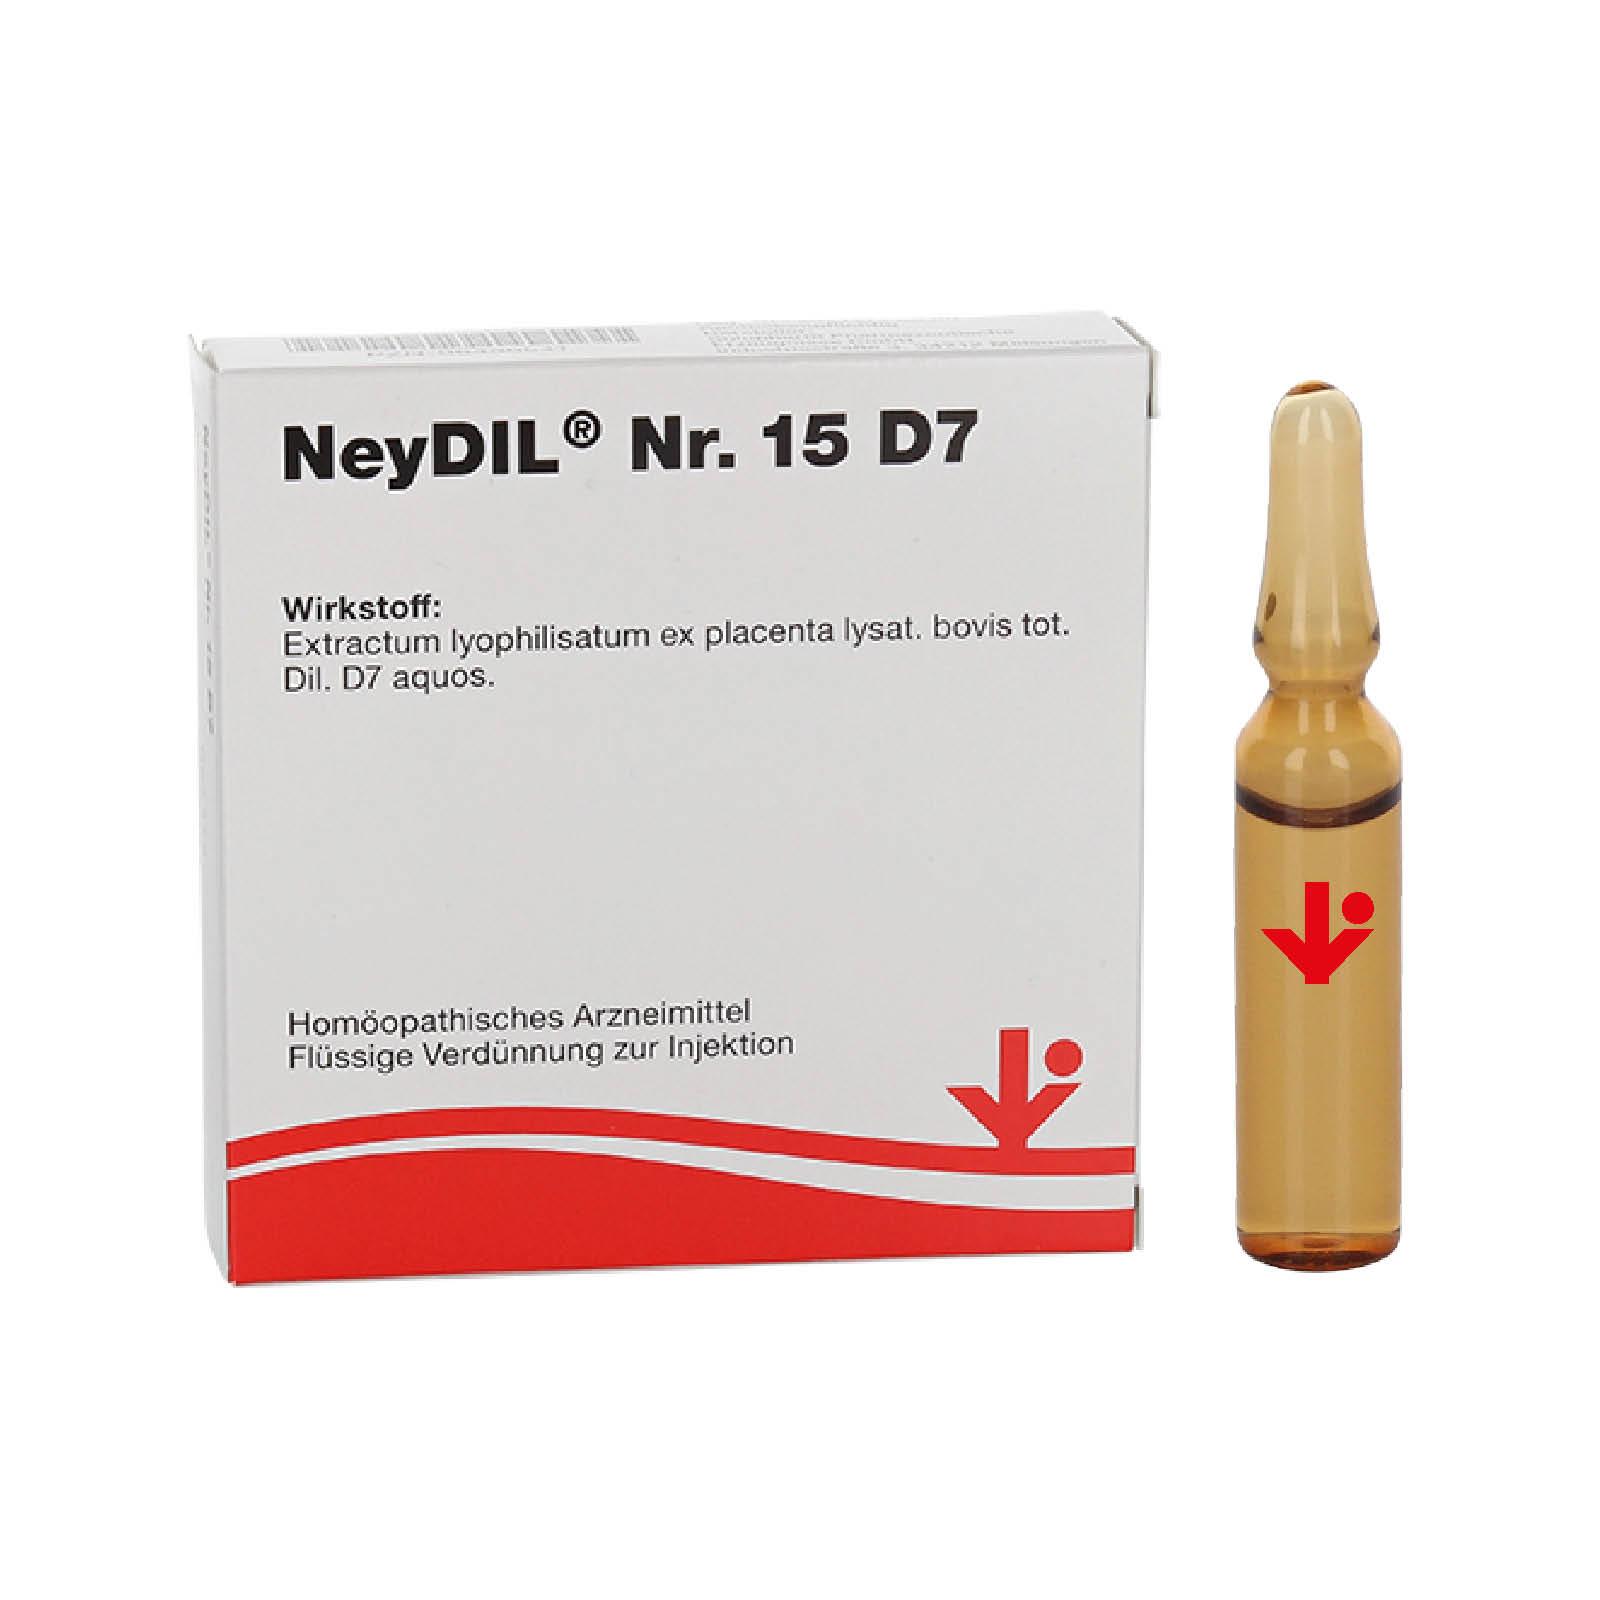 NeyDIL® Nr. 15 D7